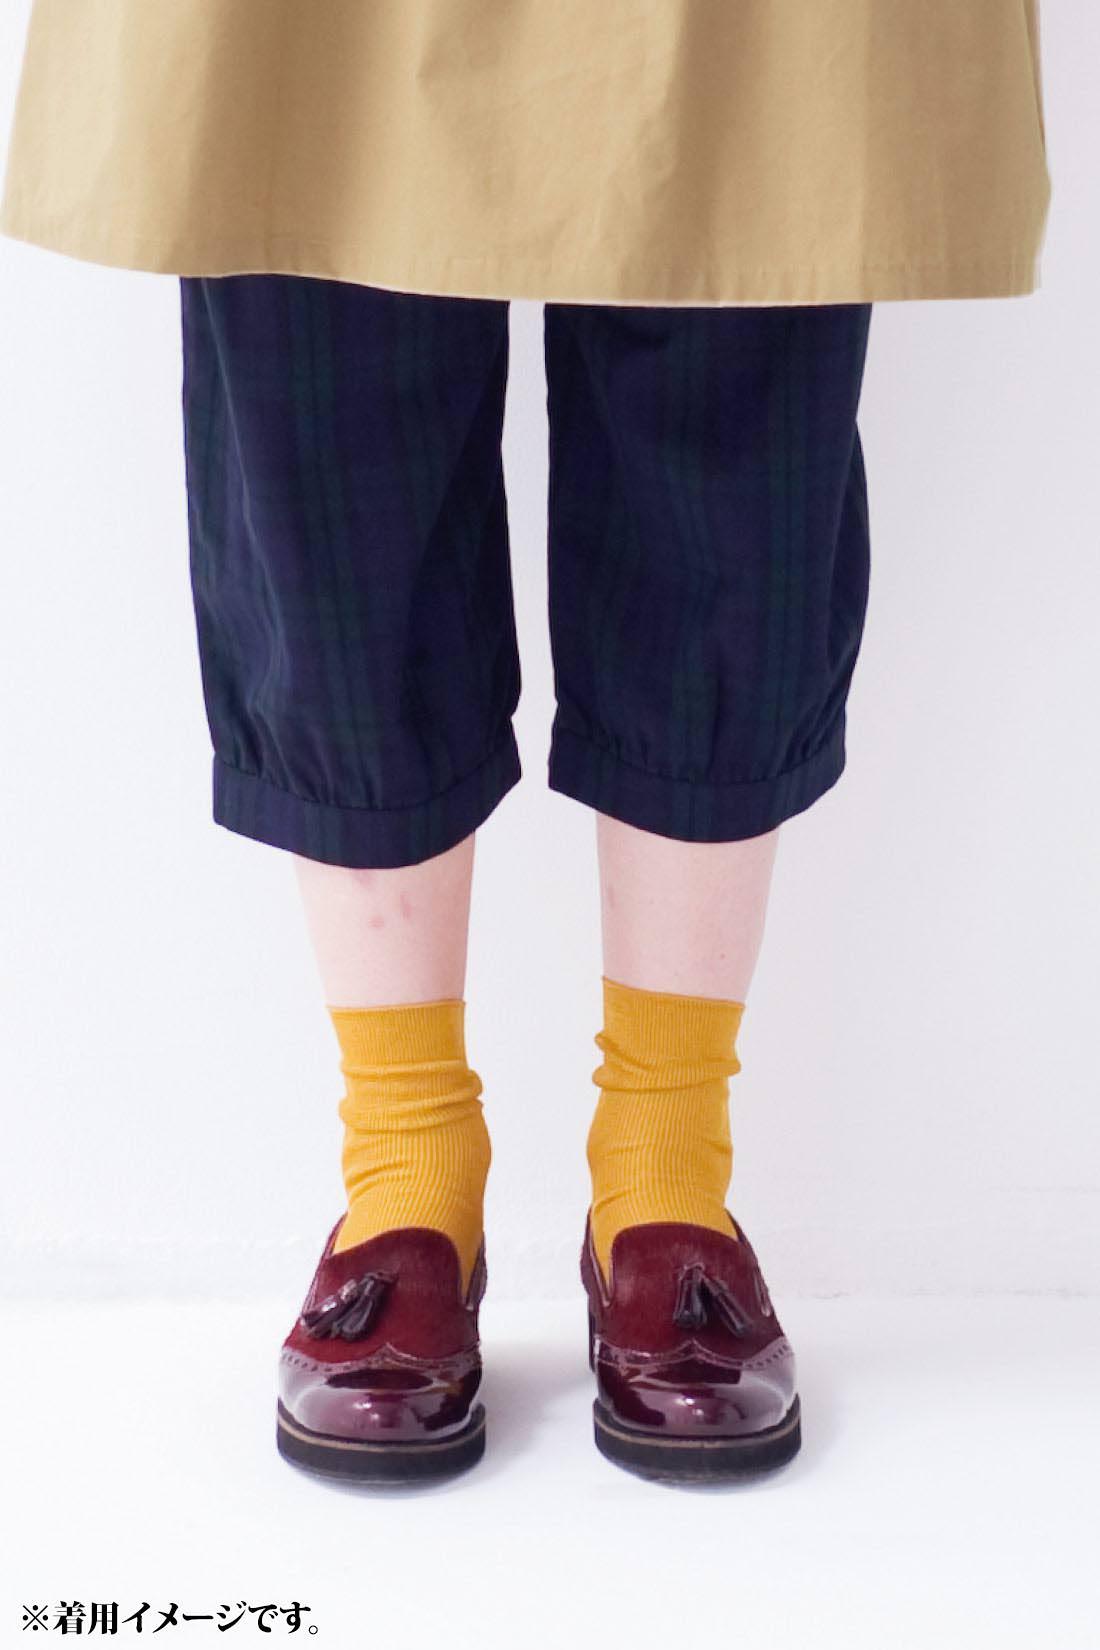 [半端丈がかわいいね。]ひざこぞうよりちょっと下くらいの丈感です。